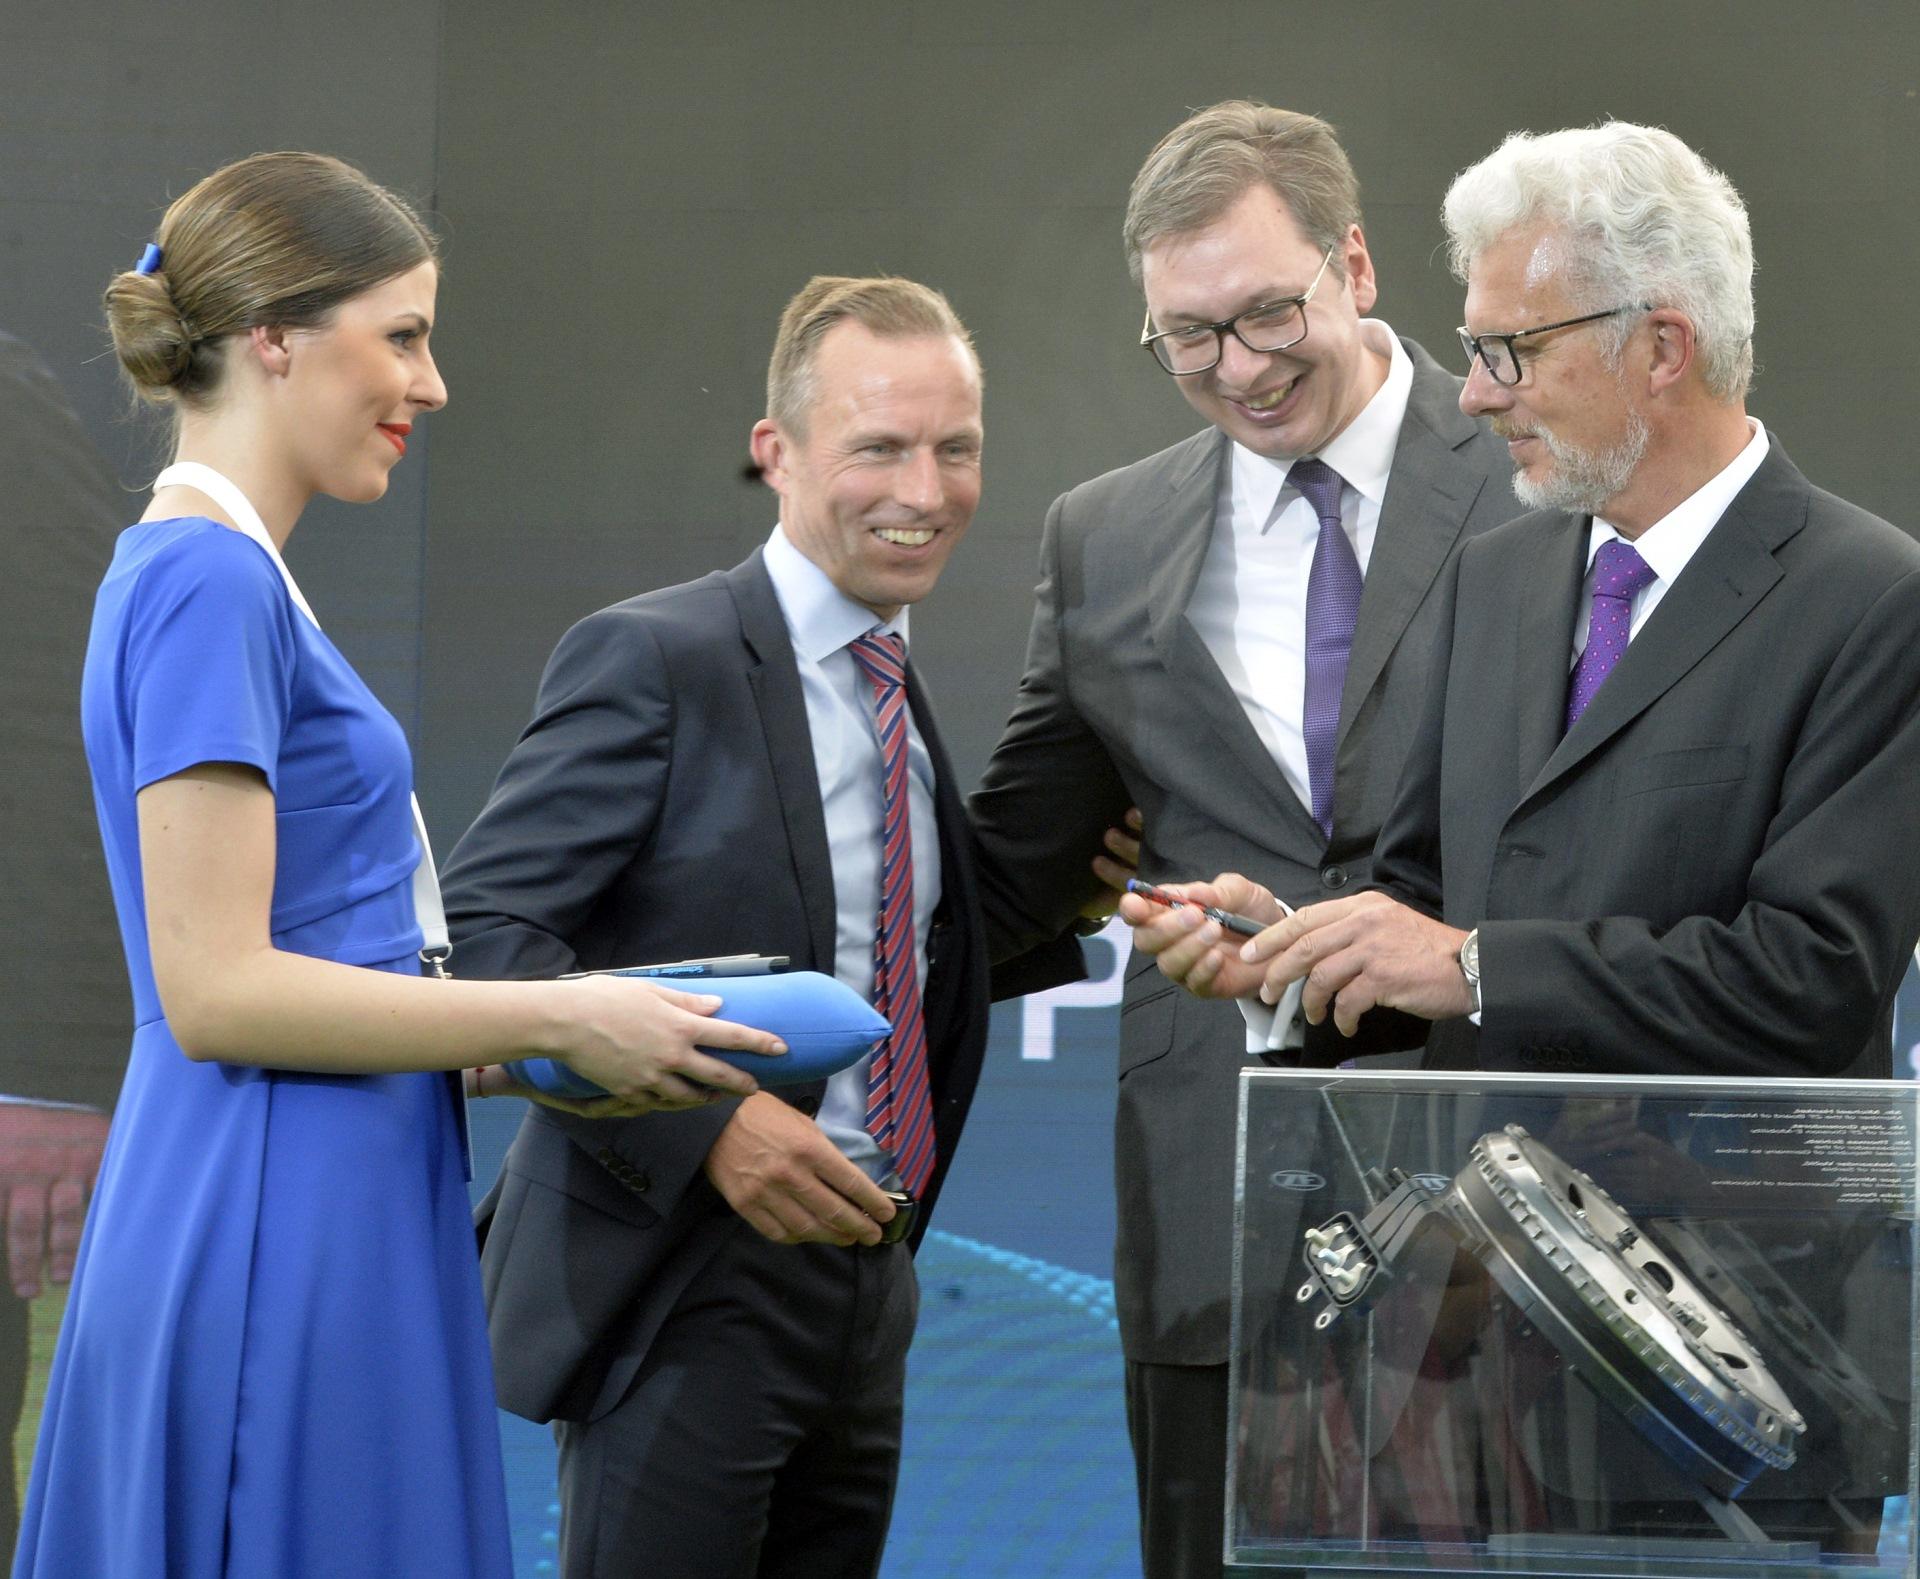 Nemacka kompanija ZF otvorila je danas fabriku autodelova u Pancevu, u prisustvu predsednika Srbije Aleksandra Vucica